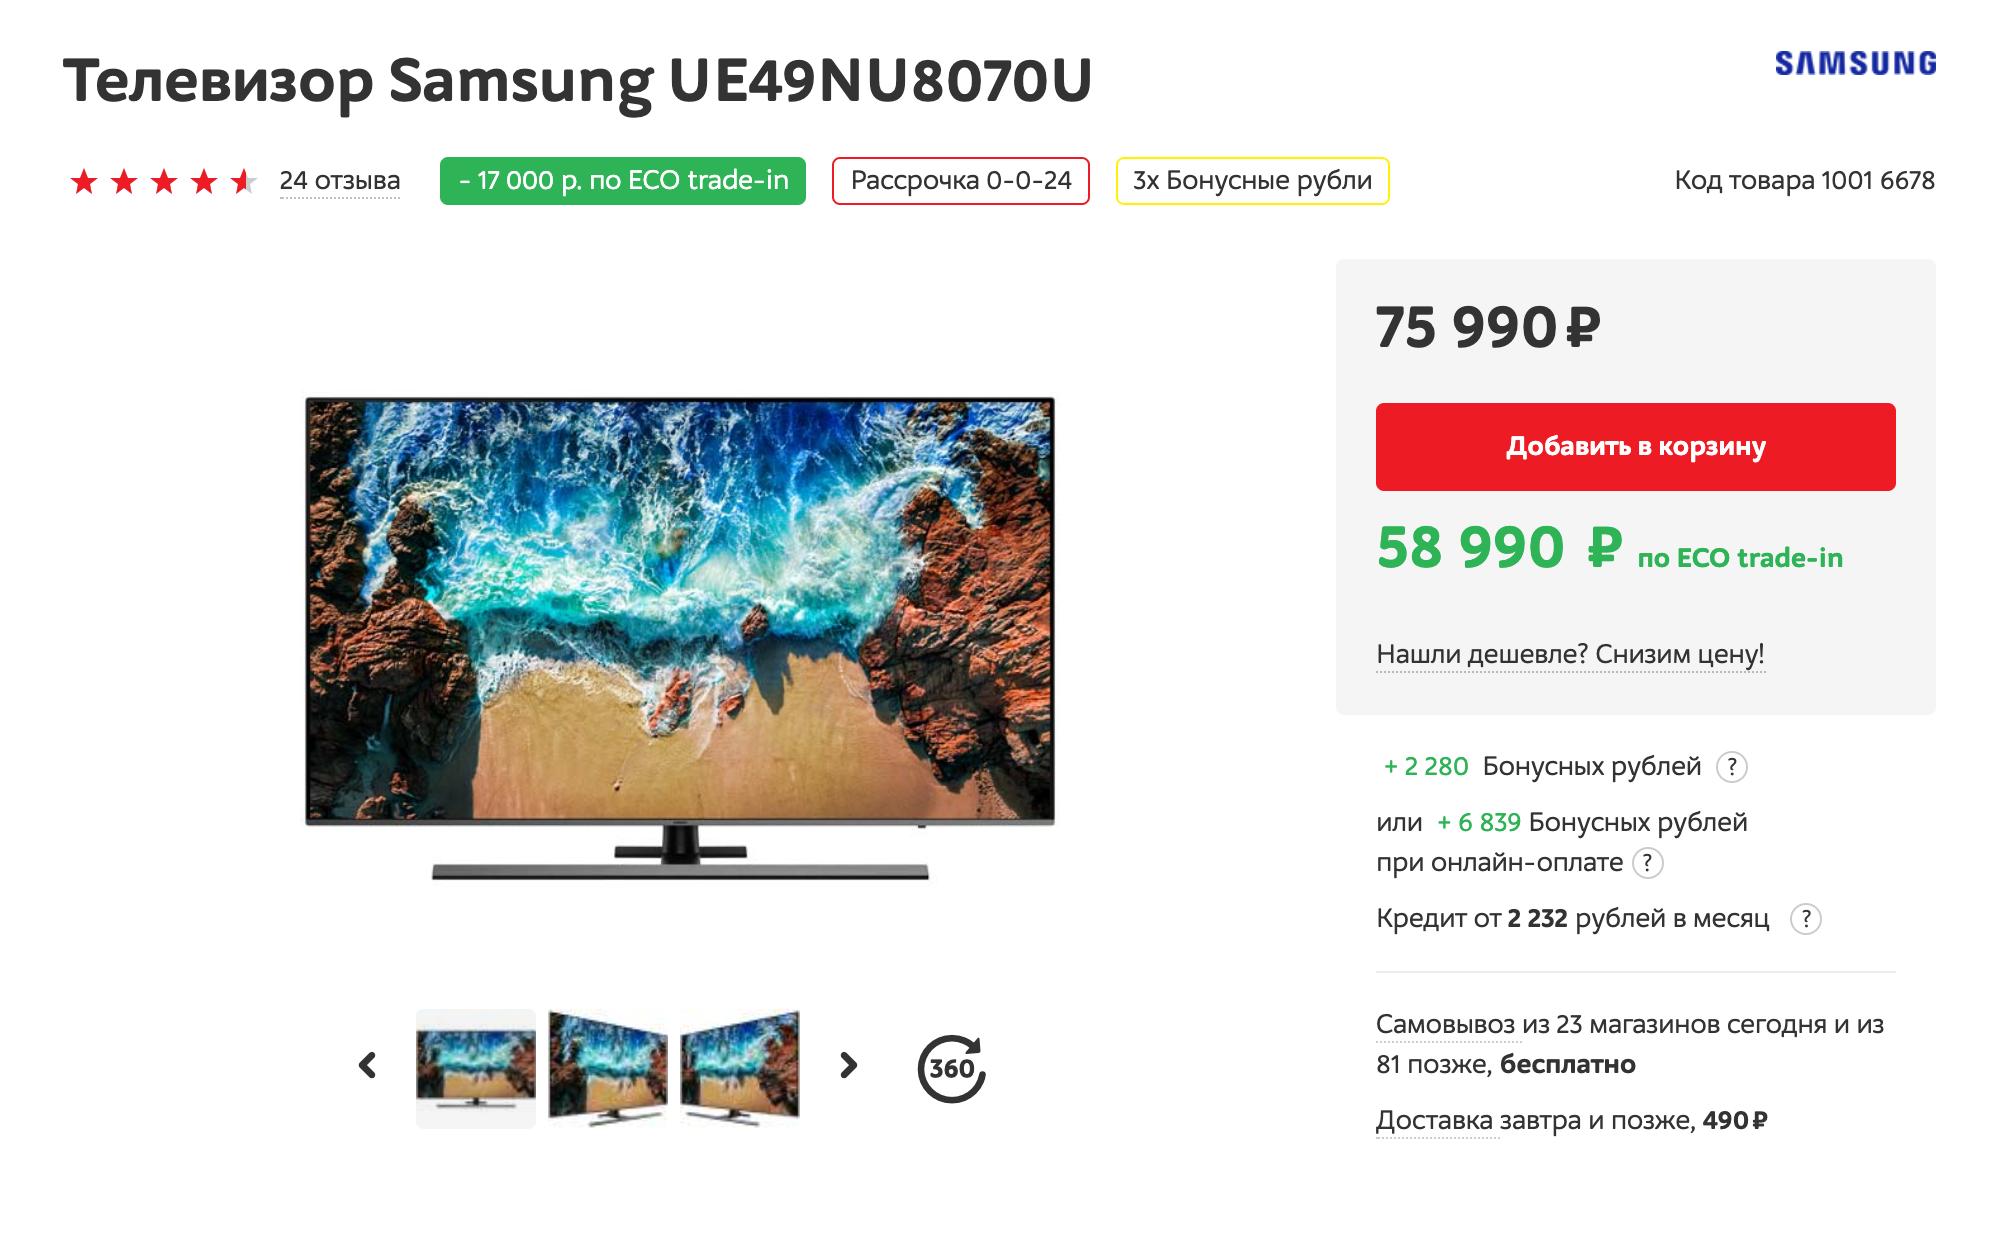 Чтобы купить такую модель по средней цене «Яндекс-маркета», придется сдать старый телевизор